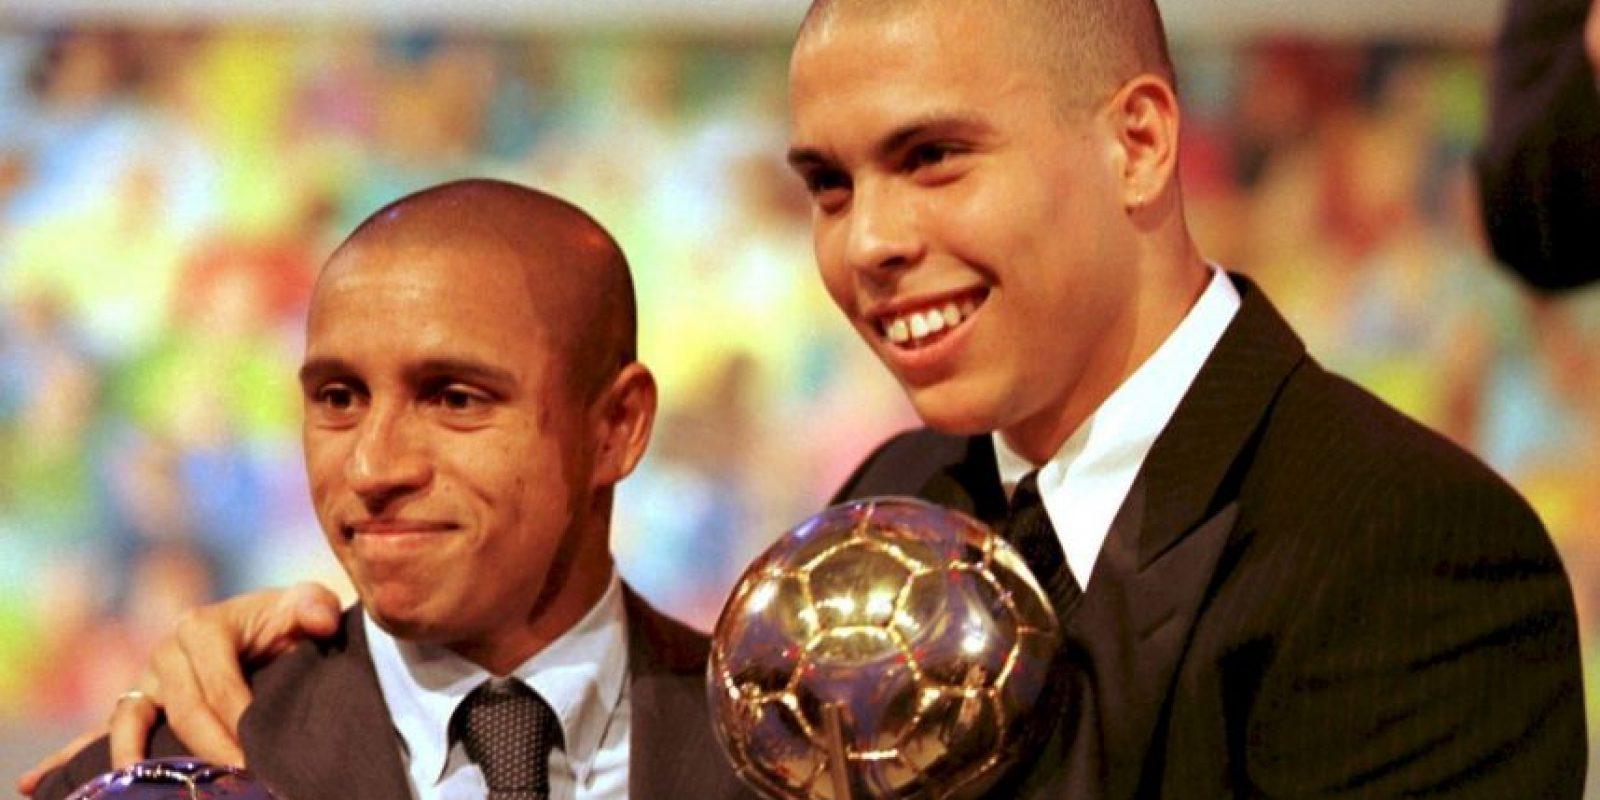 """Ronaldo llegó a Europa en 1994 al PSV de Holanda. En sólo dos temporadas, el """"Fenómeno"""" maravilló al """"Viejo Continente"""" y se convirtió en uno de los jugadores más deseados del mundo. Foto:Getty Images"""